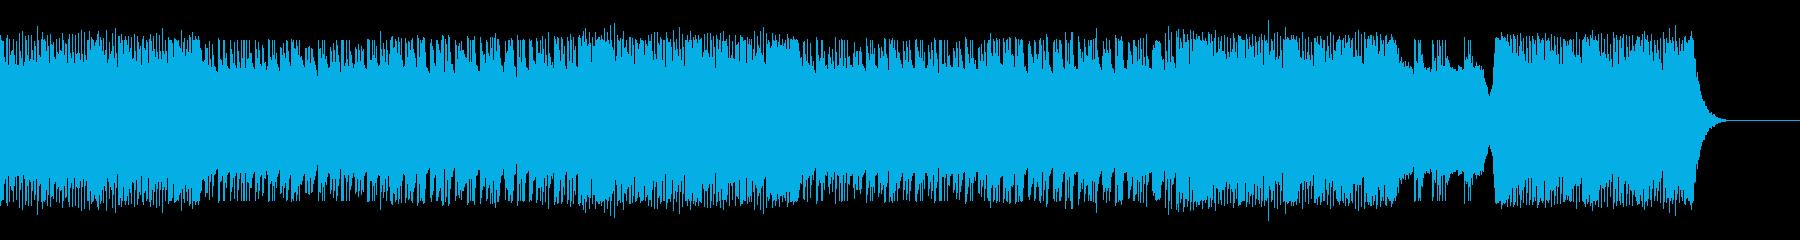 民族系/重低音/808/動画向き/#2の再生済みの波形